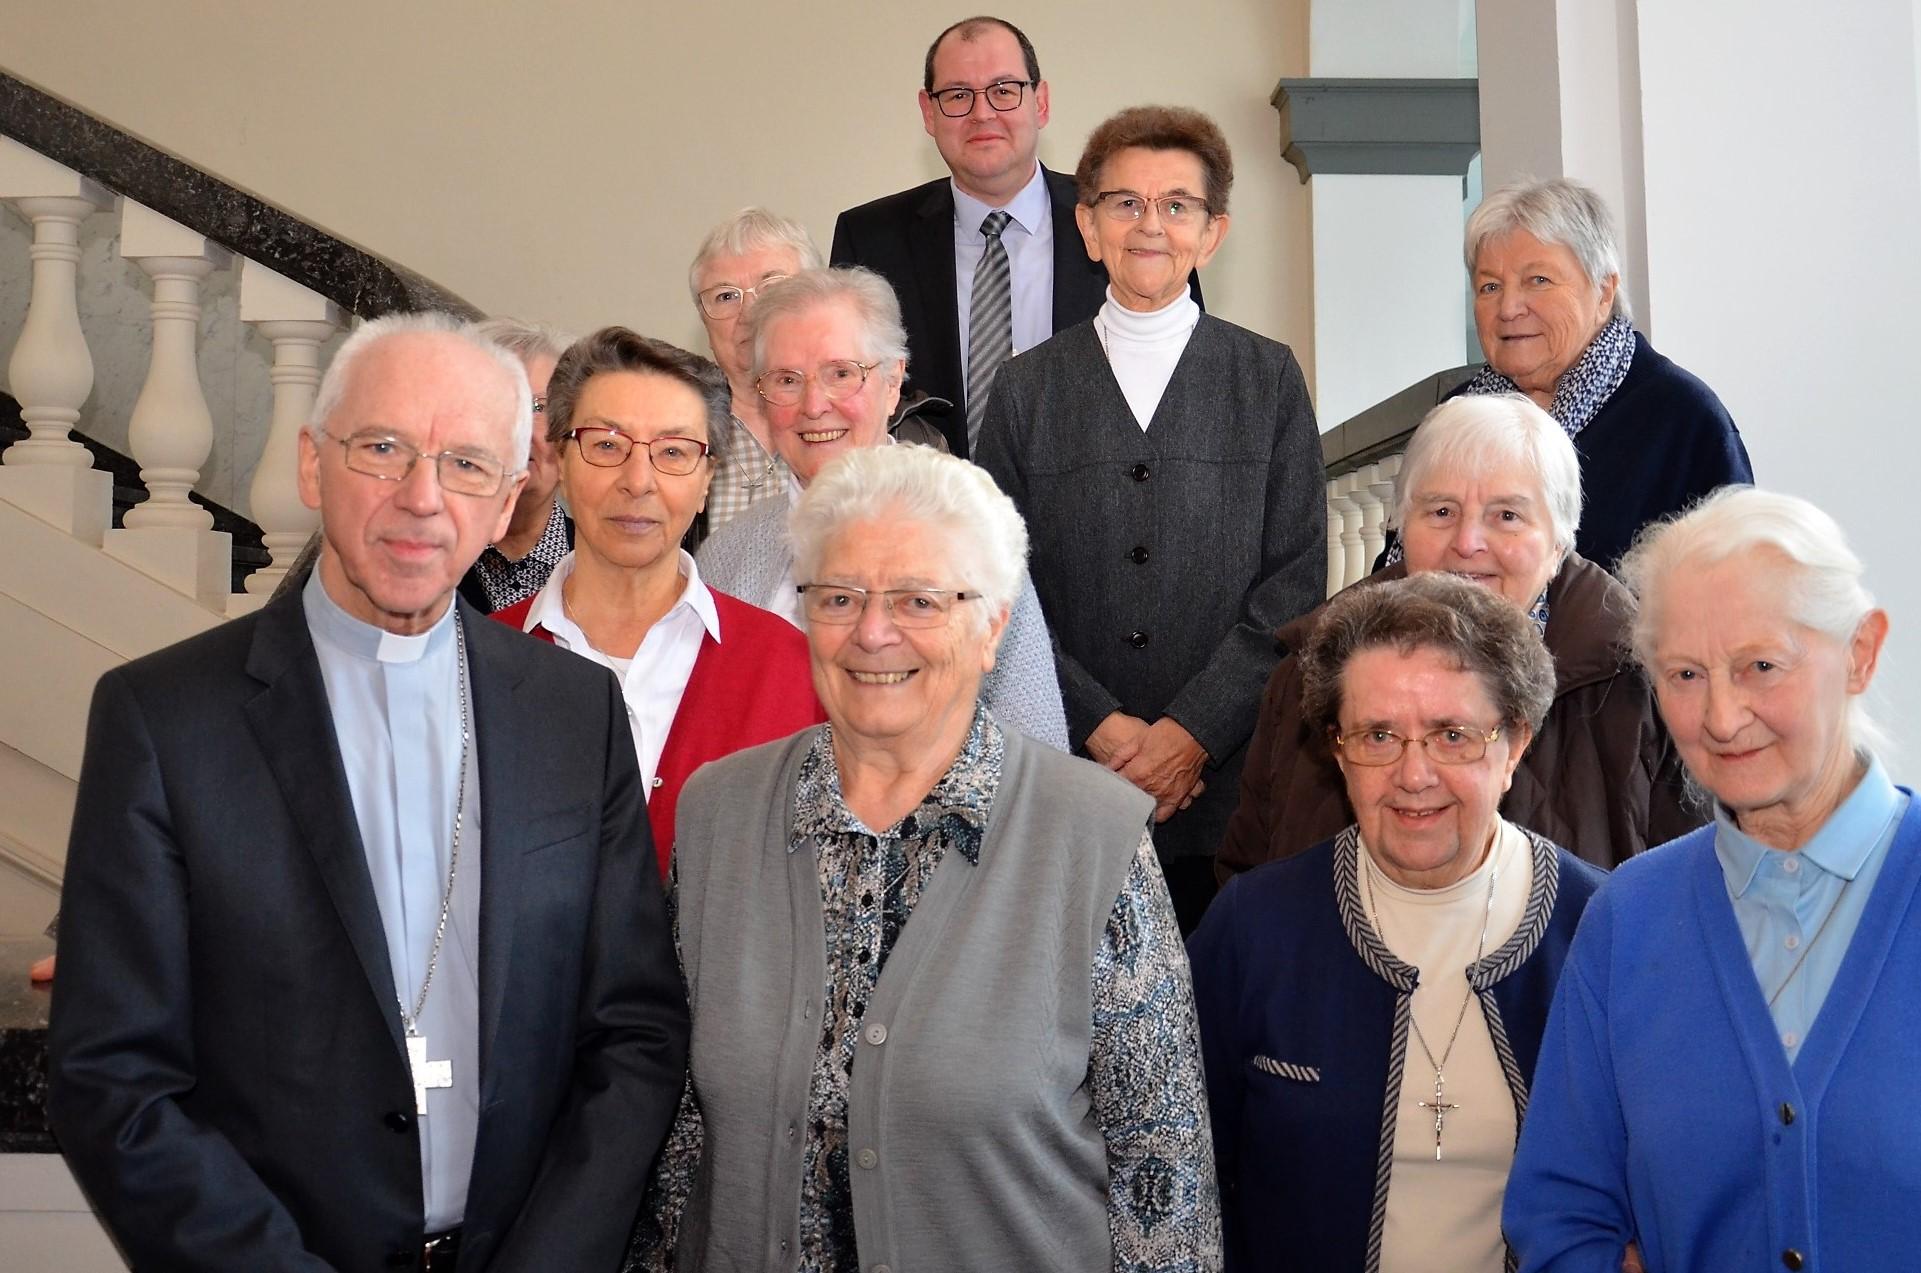 Religieuzen die de voorbije decennia zorg hebben gedragen voor de werking van het vicariaat in de vicariale raad en de religieuzenraad © (c) Hellen Mardaga